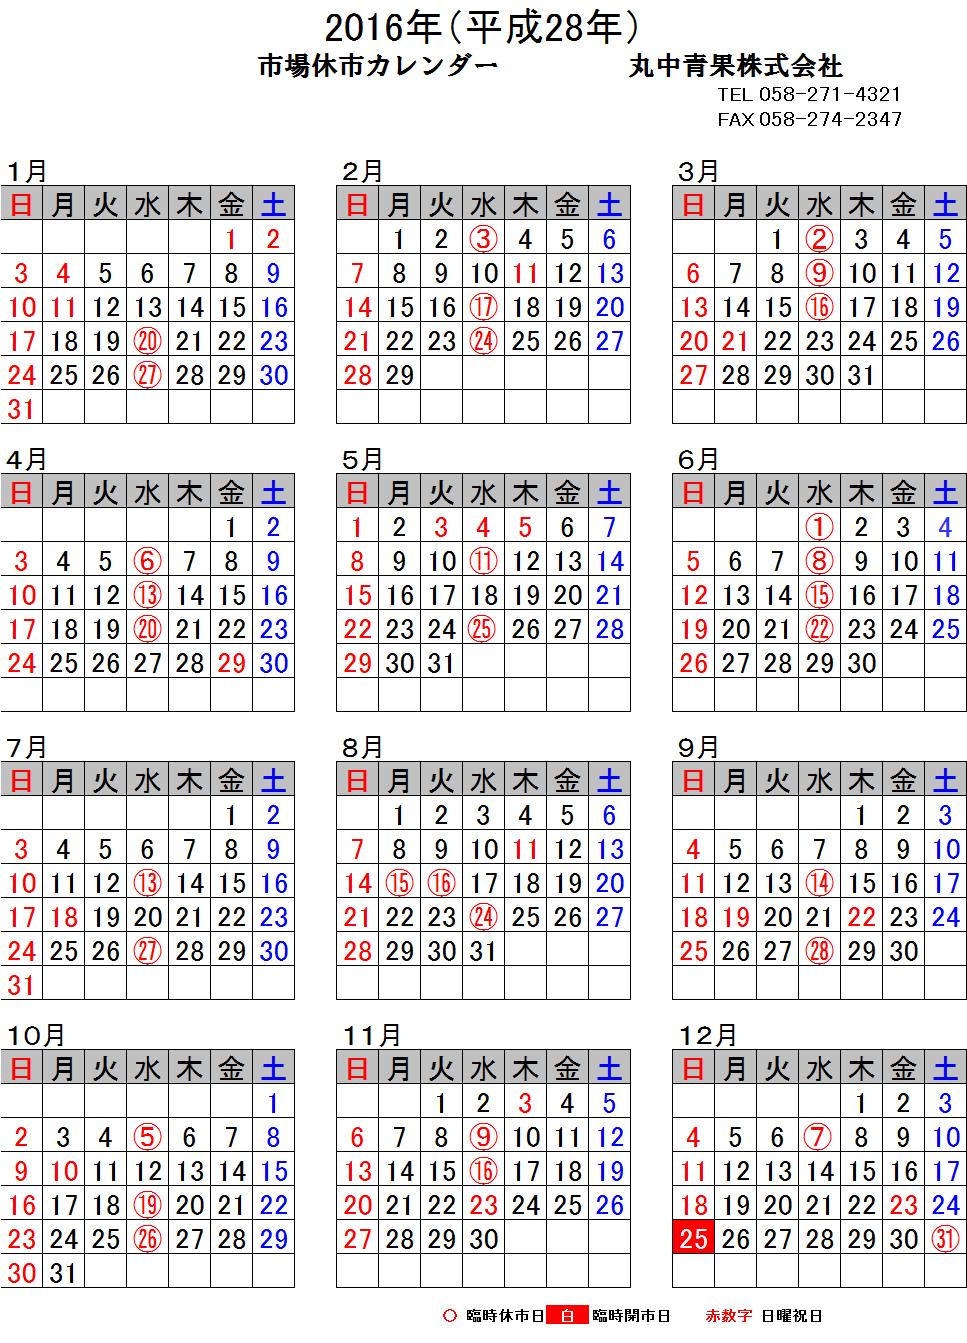 カレンダー カレンダー 予定表 : カレンダー | 市場カレンダー ...